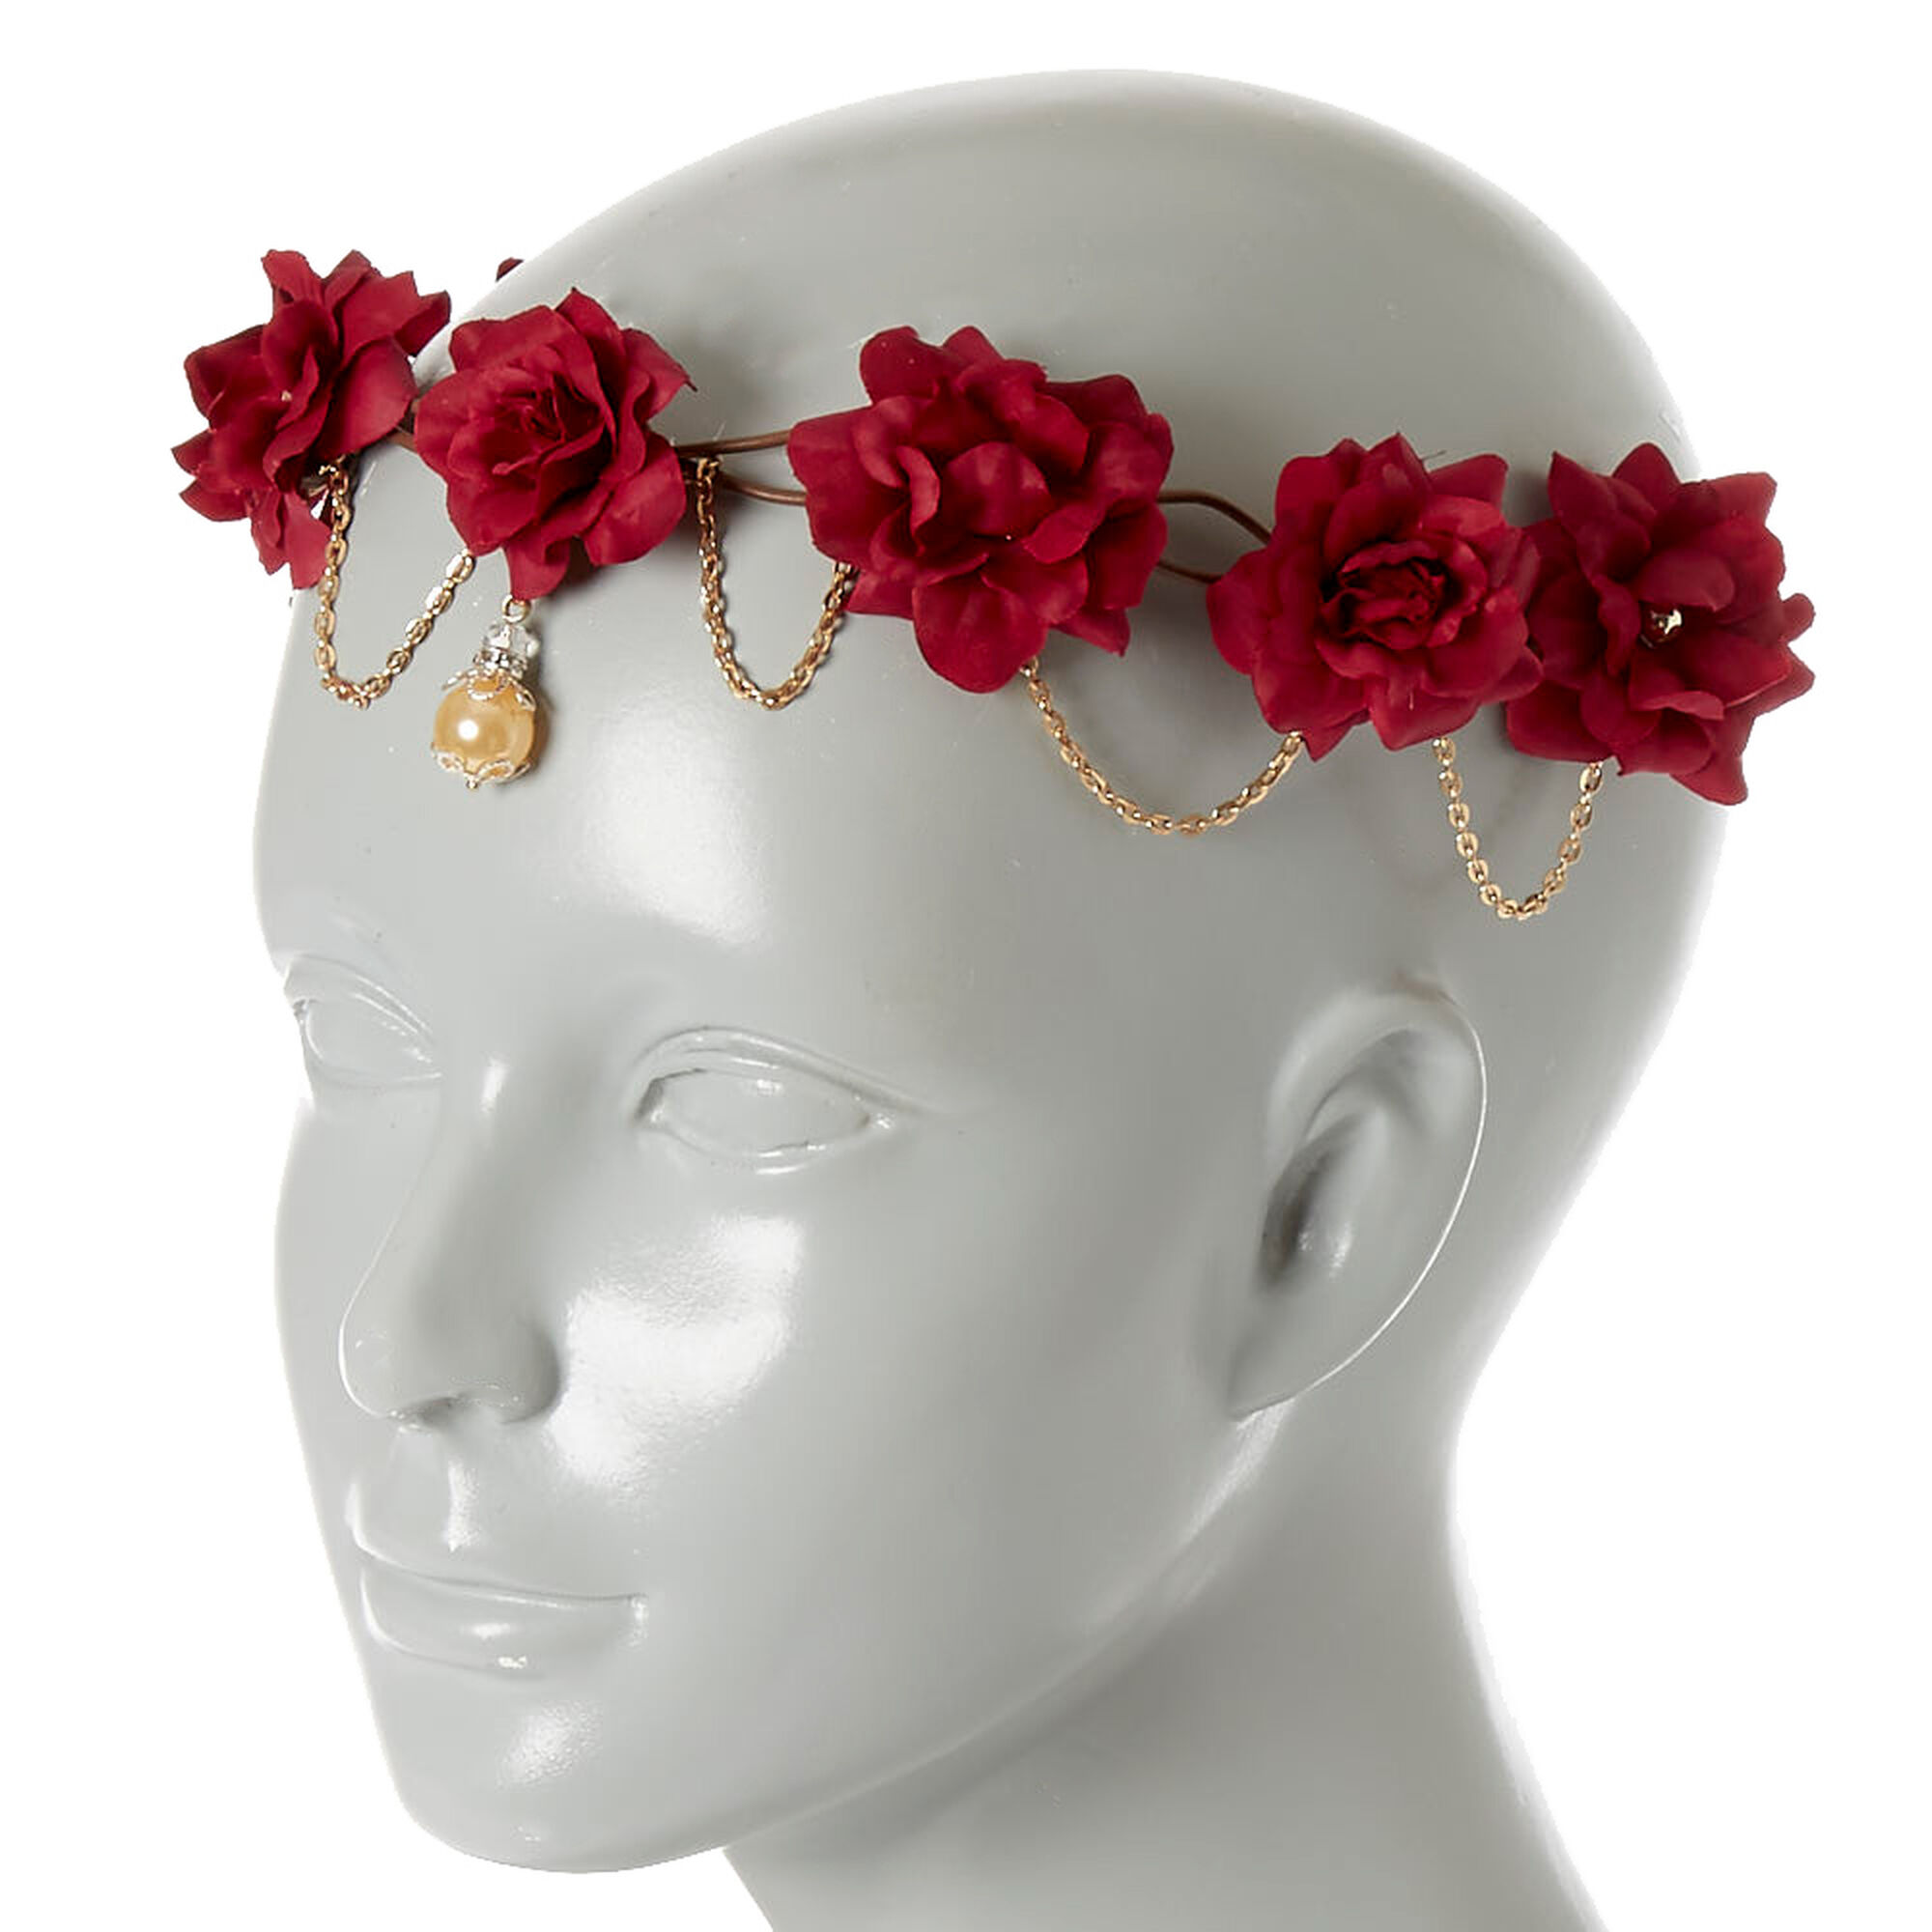 Gold chain burgundy flower crown headwrap claires gold chain burgundy flower crown headwrap izmirmasajfo